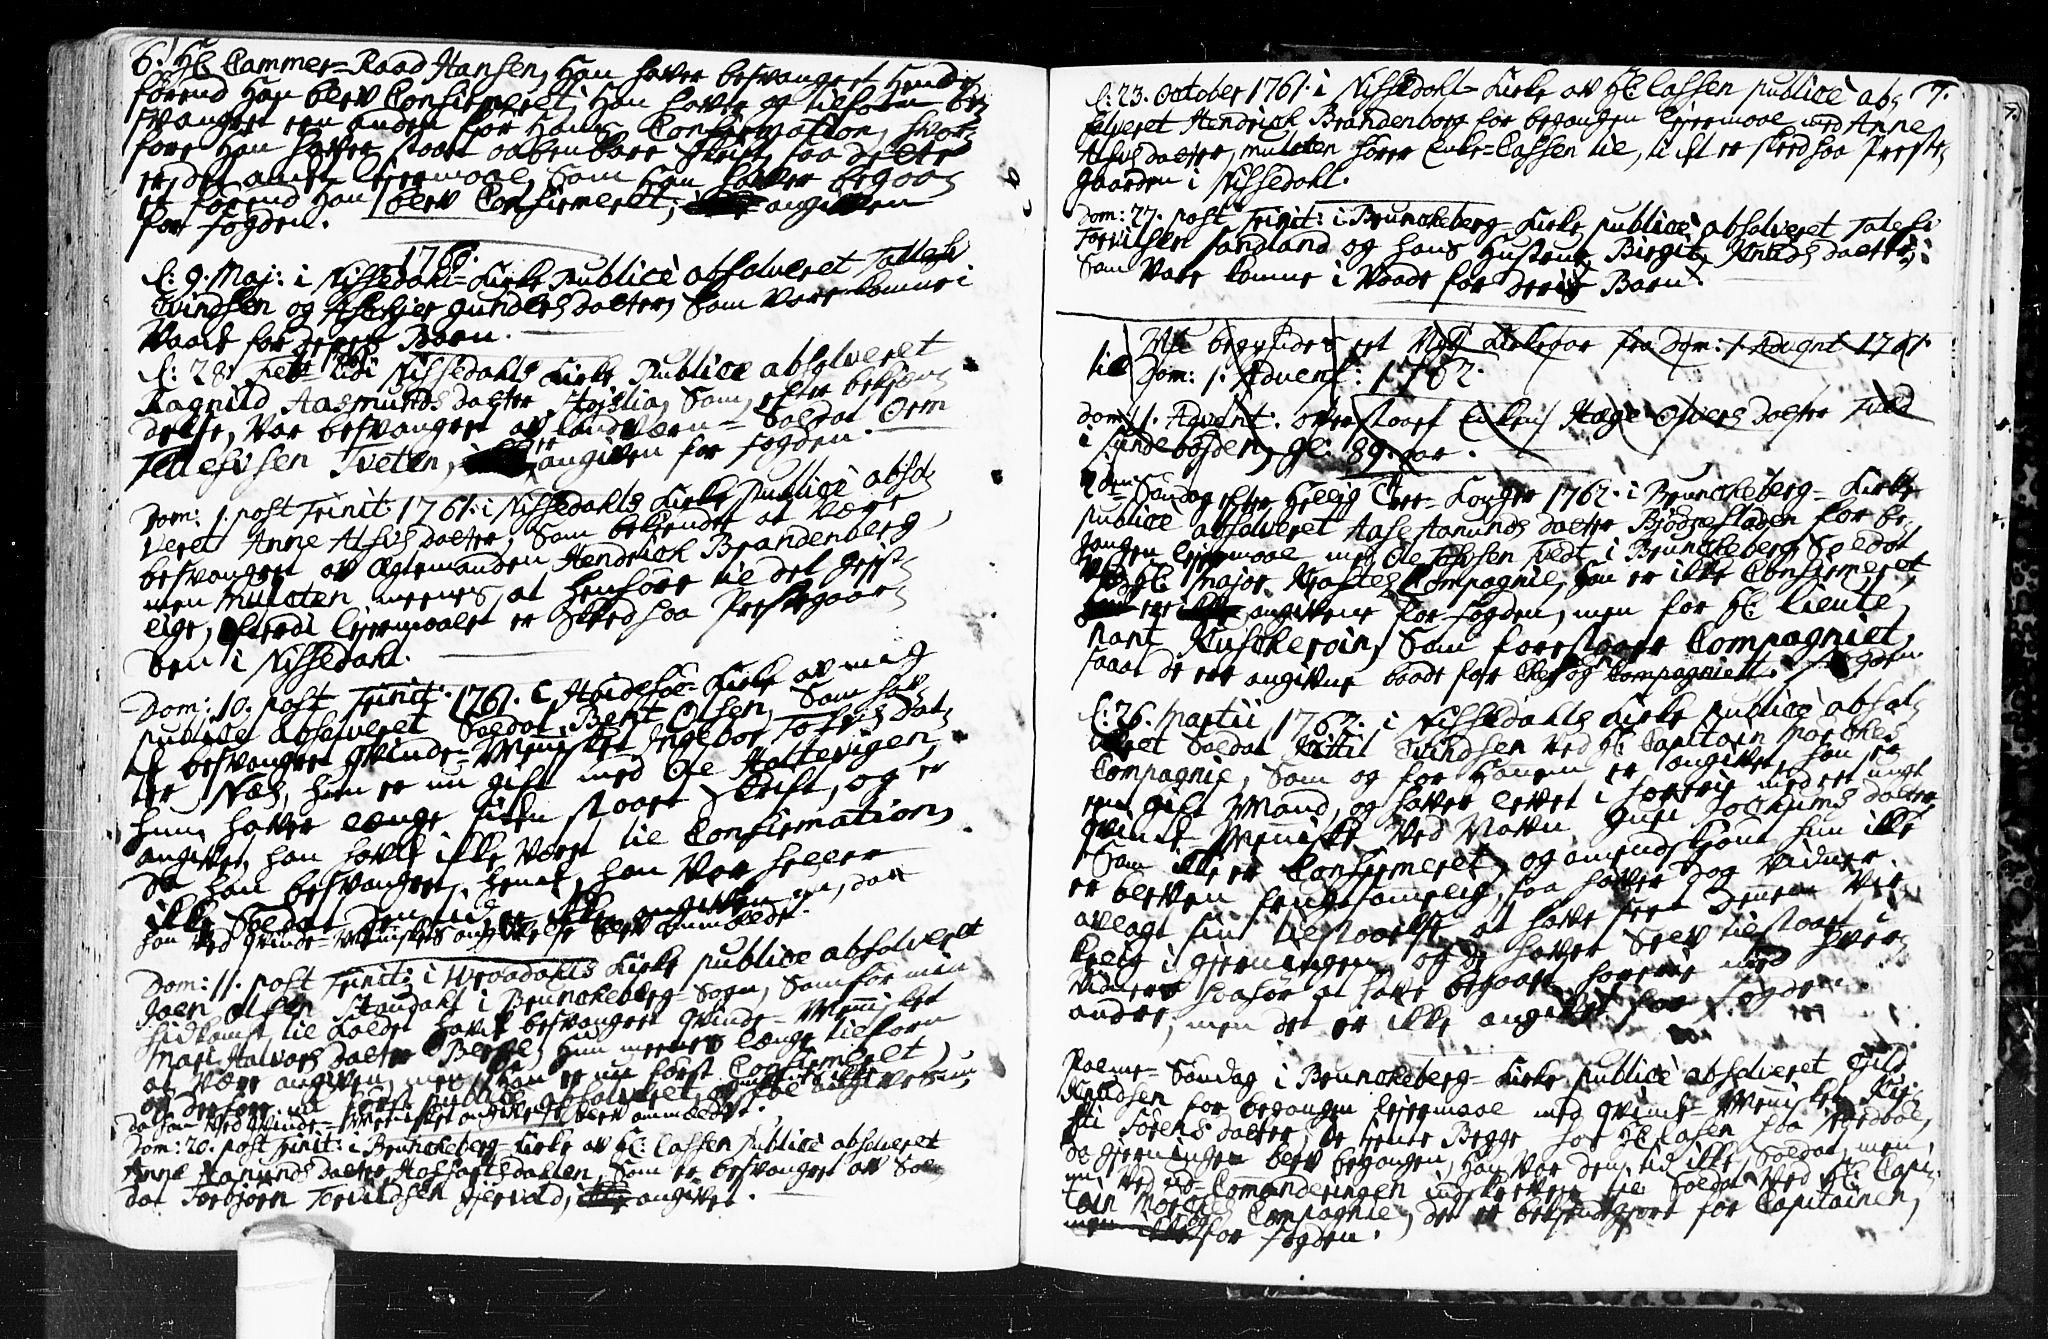 SAKO, Kviteseid kirkebøker, F/Fa/L0001: Ministerialbok nr. I 1, 1754-1773, s. 6-7